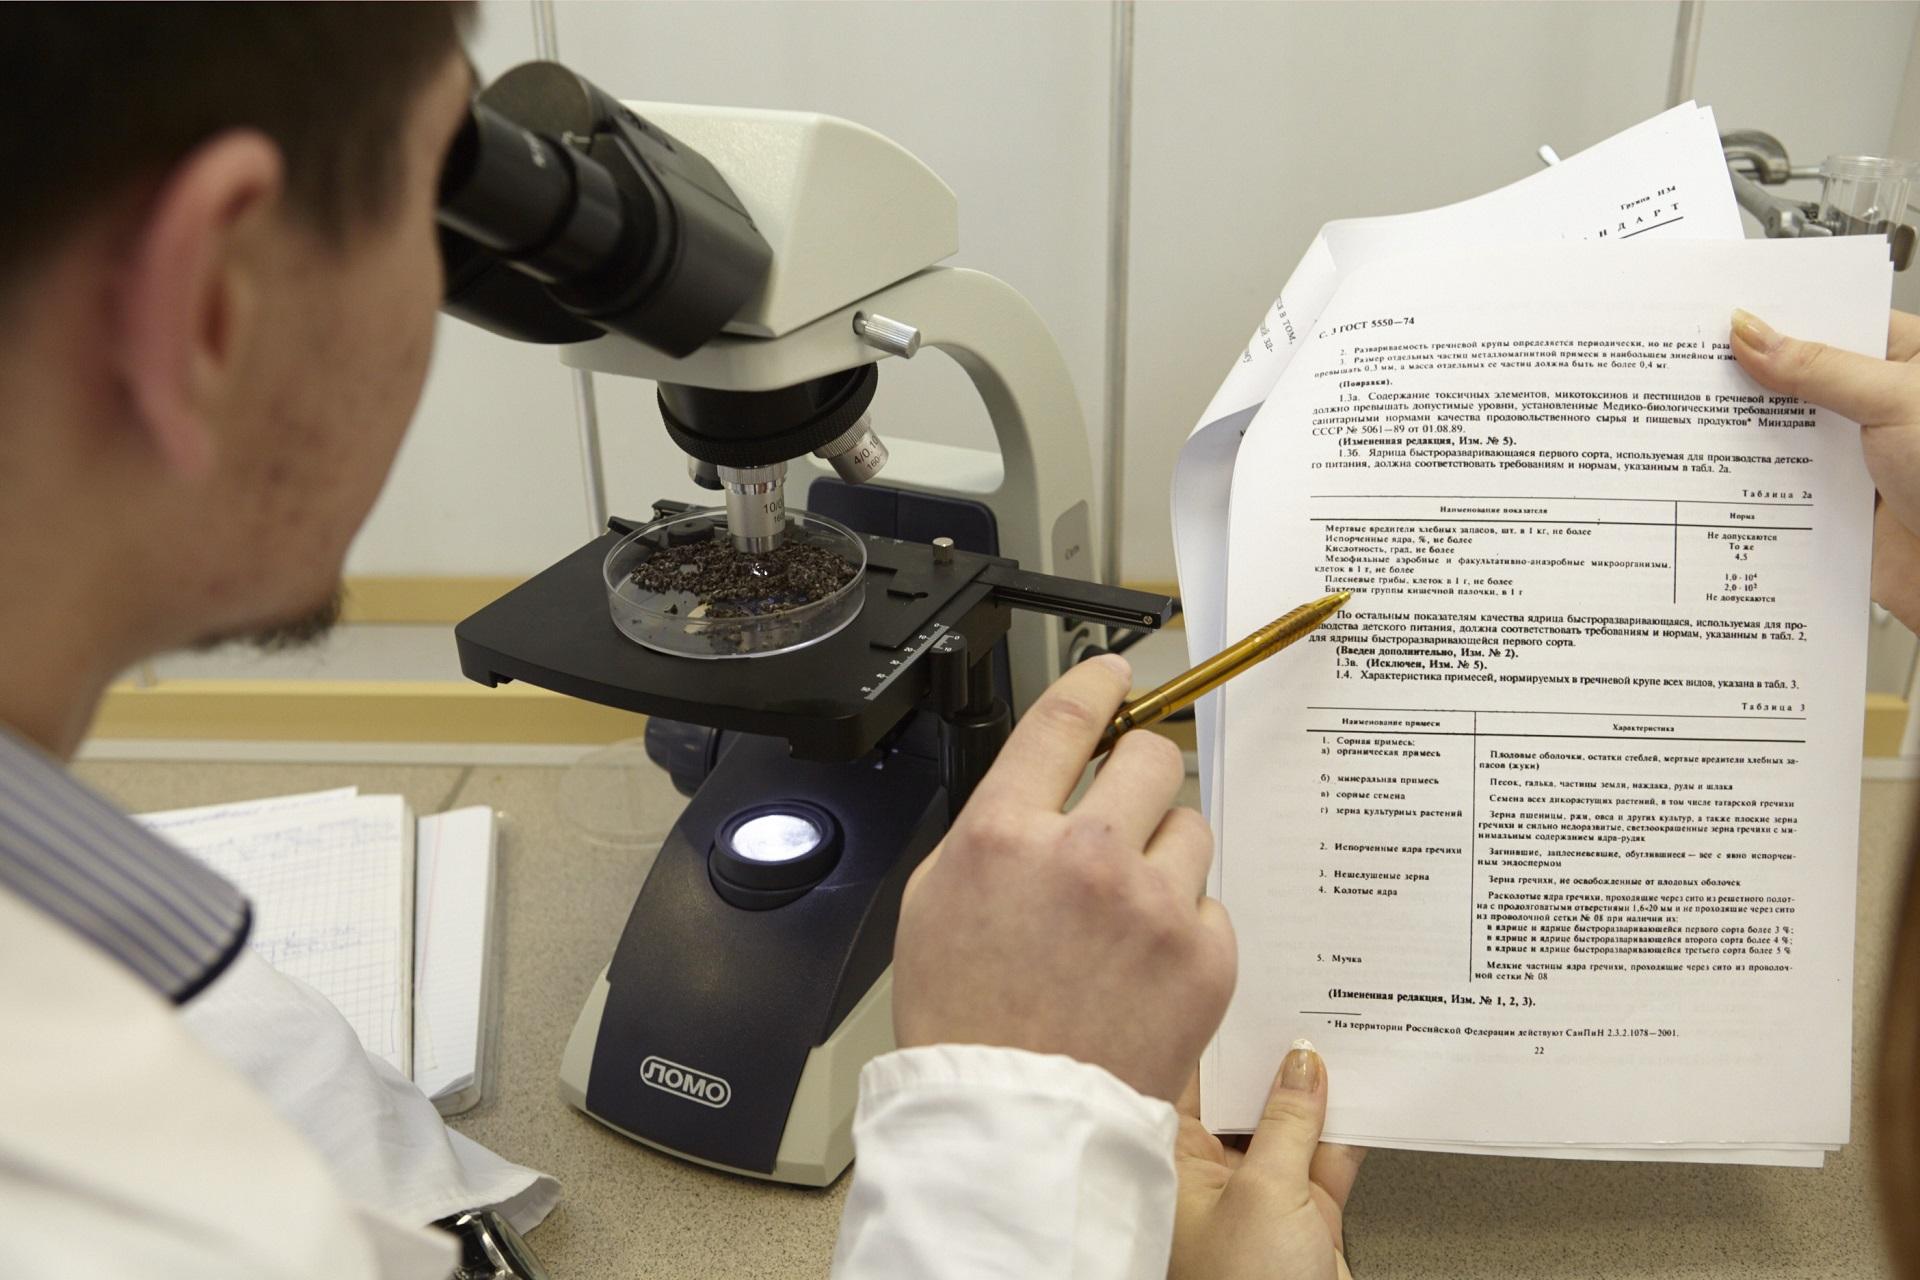 Экспертное заключение на продукцию выдается для подтверждения соответствия по санитарно-гигиеническим нормам ЕАЭС. С этой целью проводятся лабораторные испытания продукции.